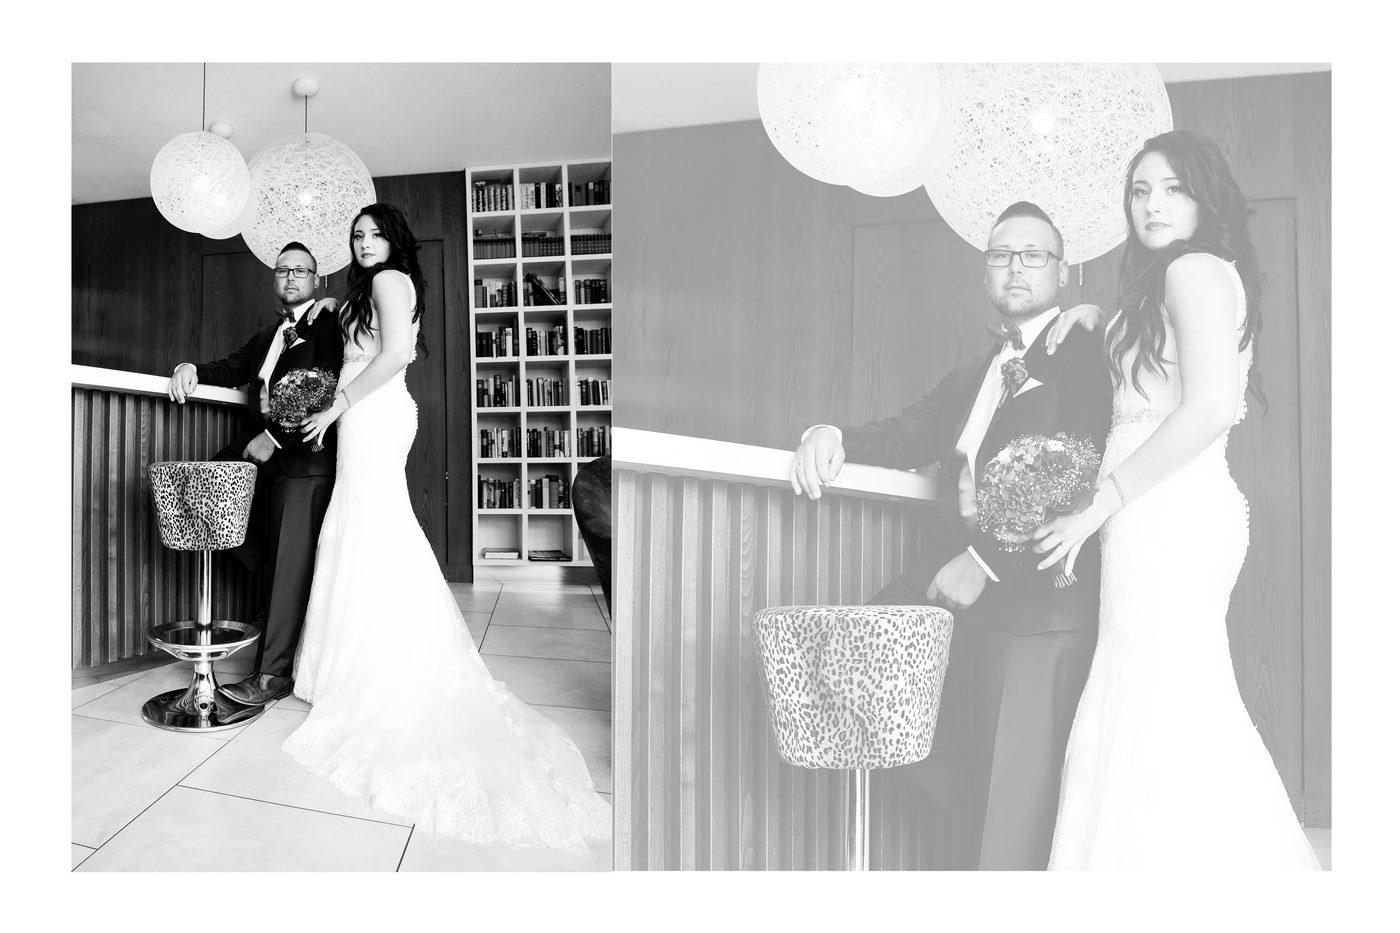 Brautpaar in Hotellobby in schwarz weiß